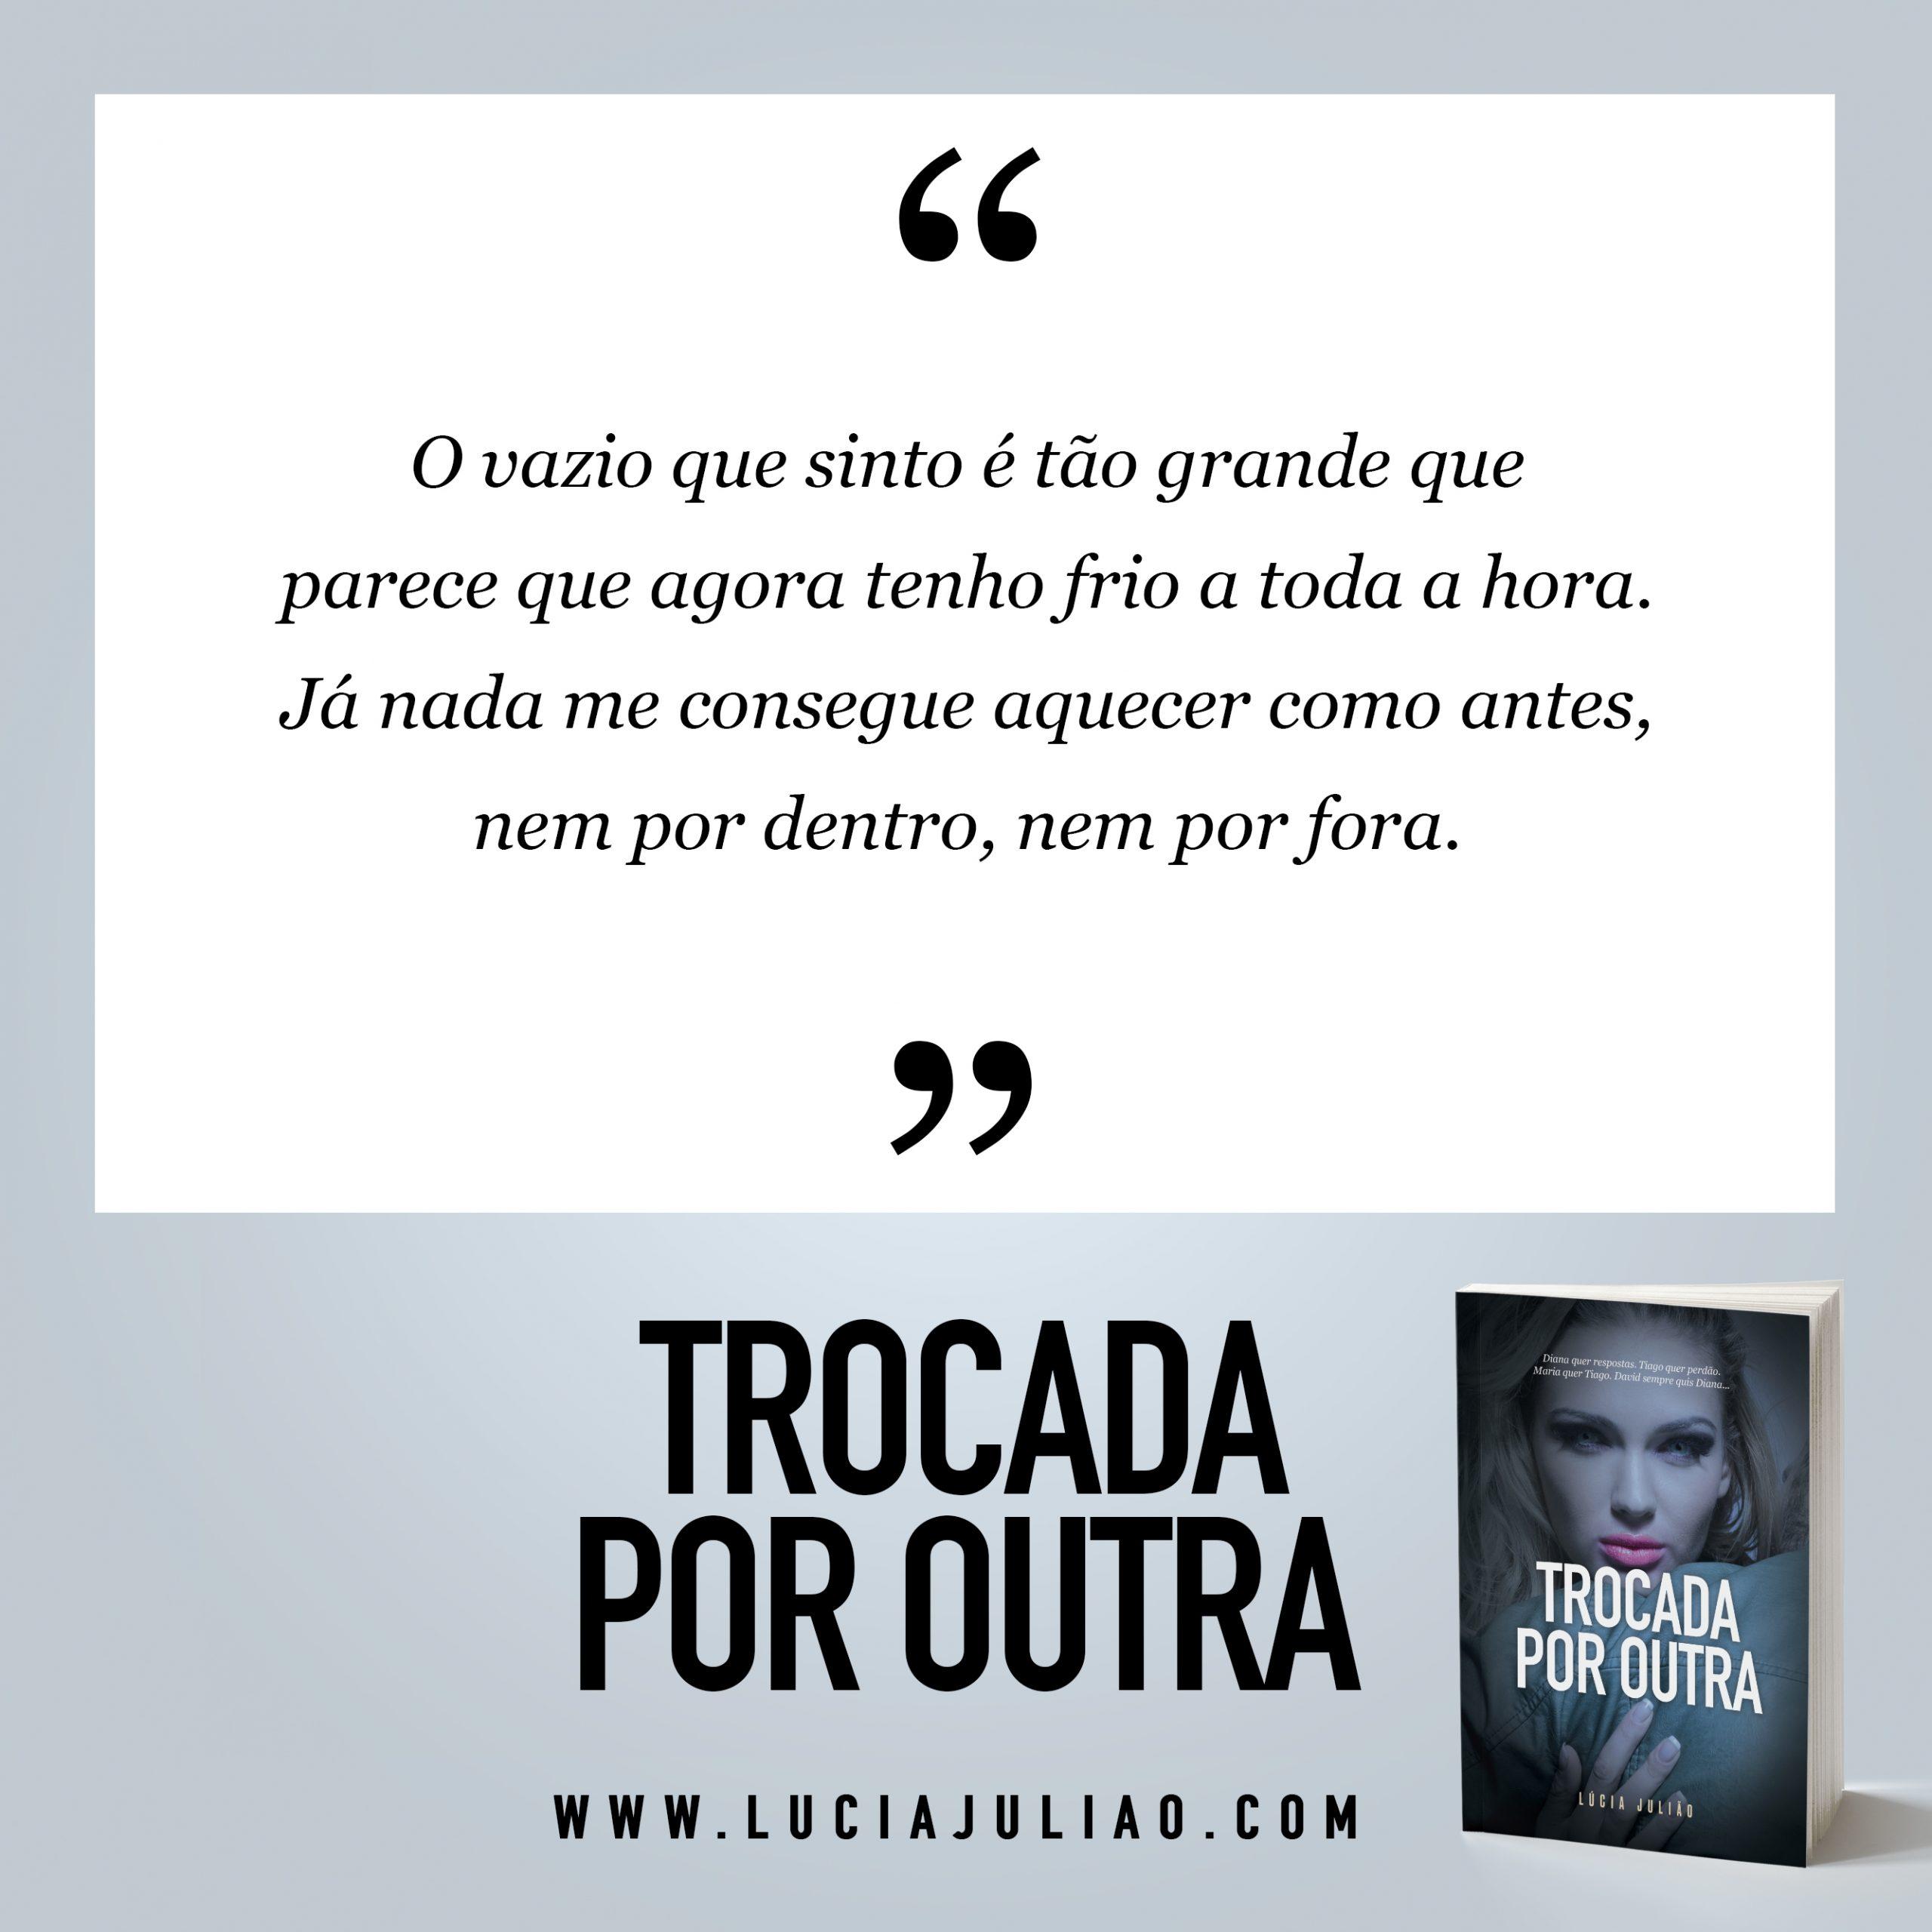 056Q - capitulo 19 Trocada por outra - Lúcia Julião